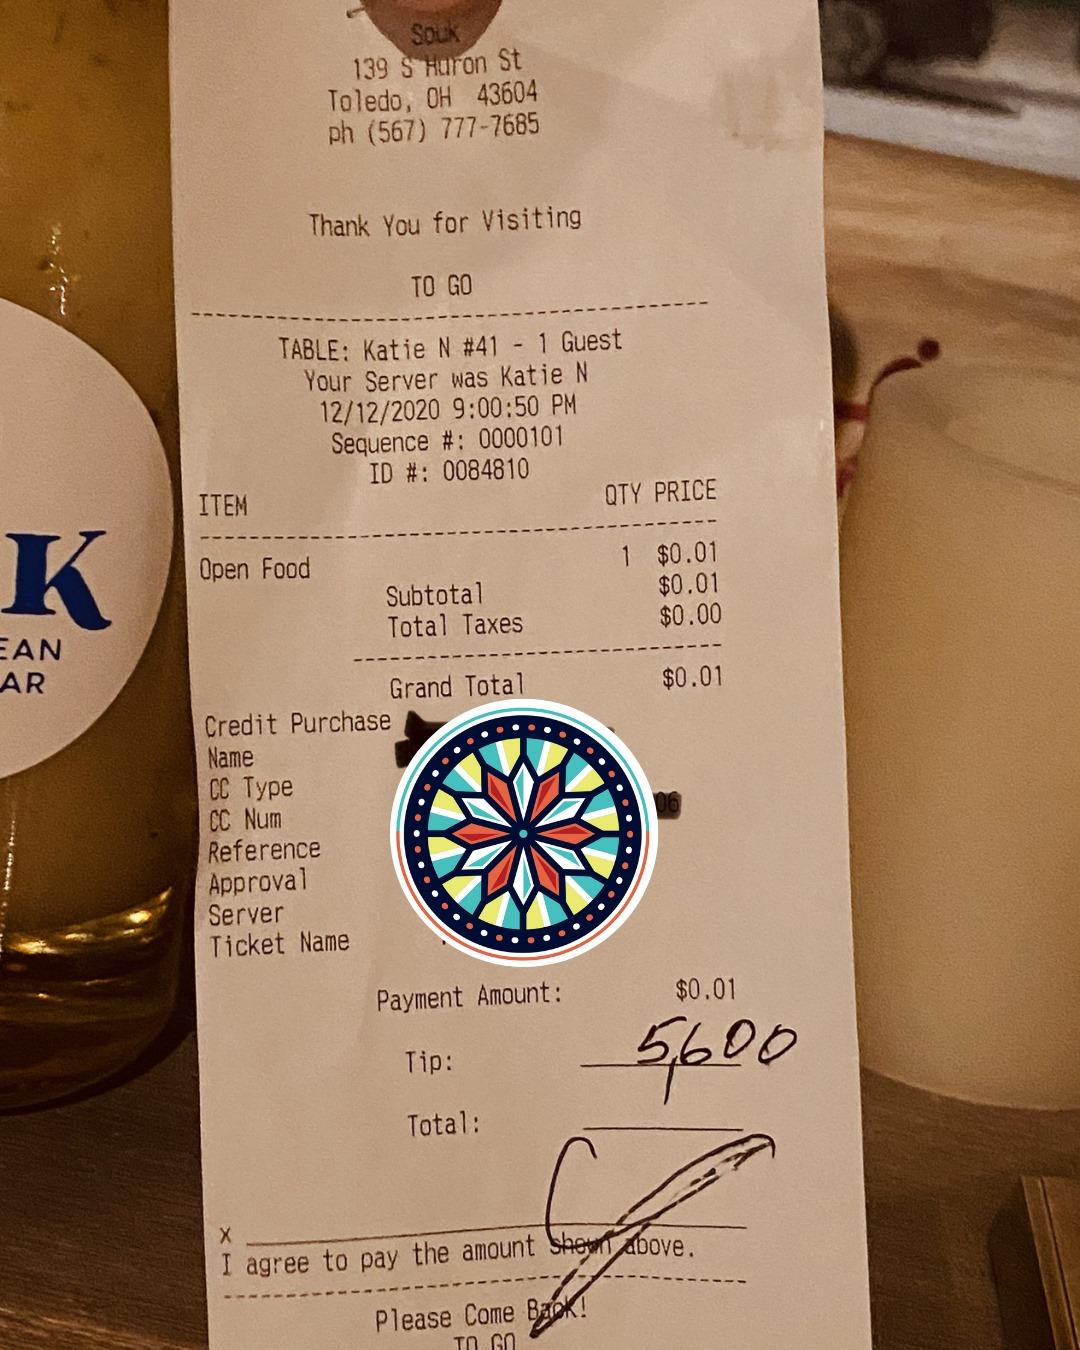 Nhà hàng đã đăng biên lai thanh toán tiền ăn và tiền tip của vị khách hào phóng lên facebook nhưng không tiết lộ tên. Họ chỉ gọi người khách này là Billy. Thật là một cử chỉ tử tế tuyệt vời đối với nhân viên của tôi, Sallouk viết. Ảnh: Facebook